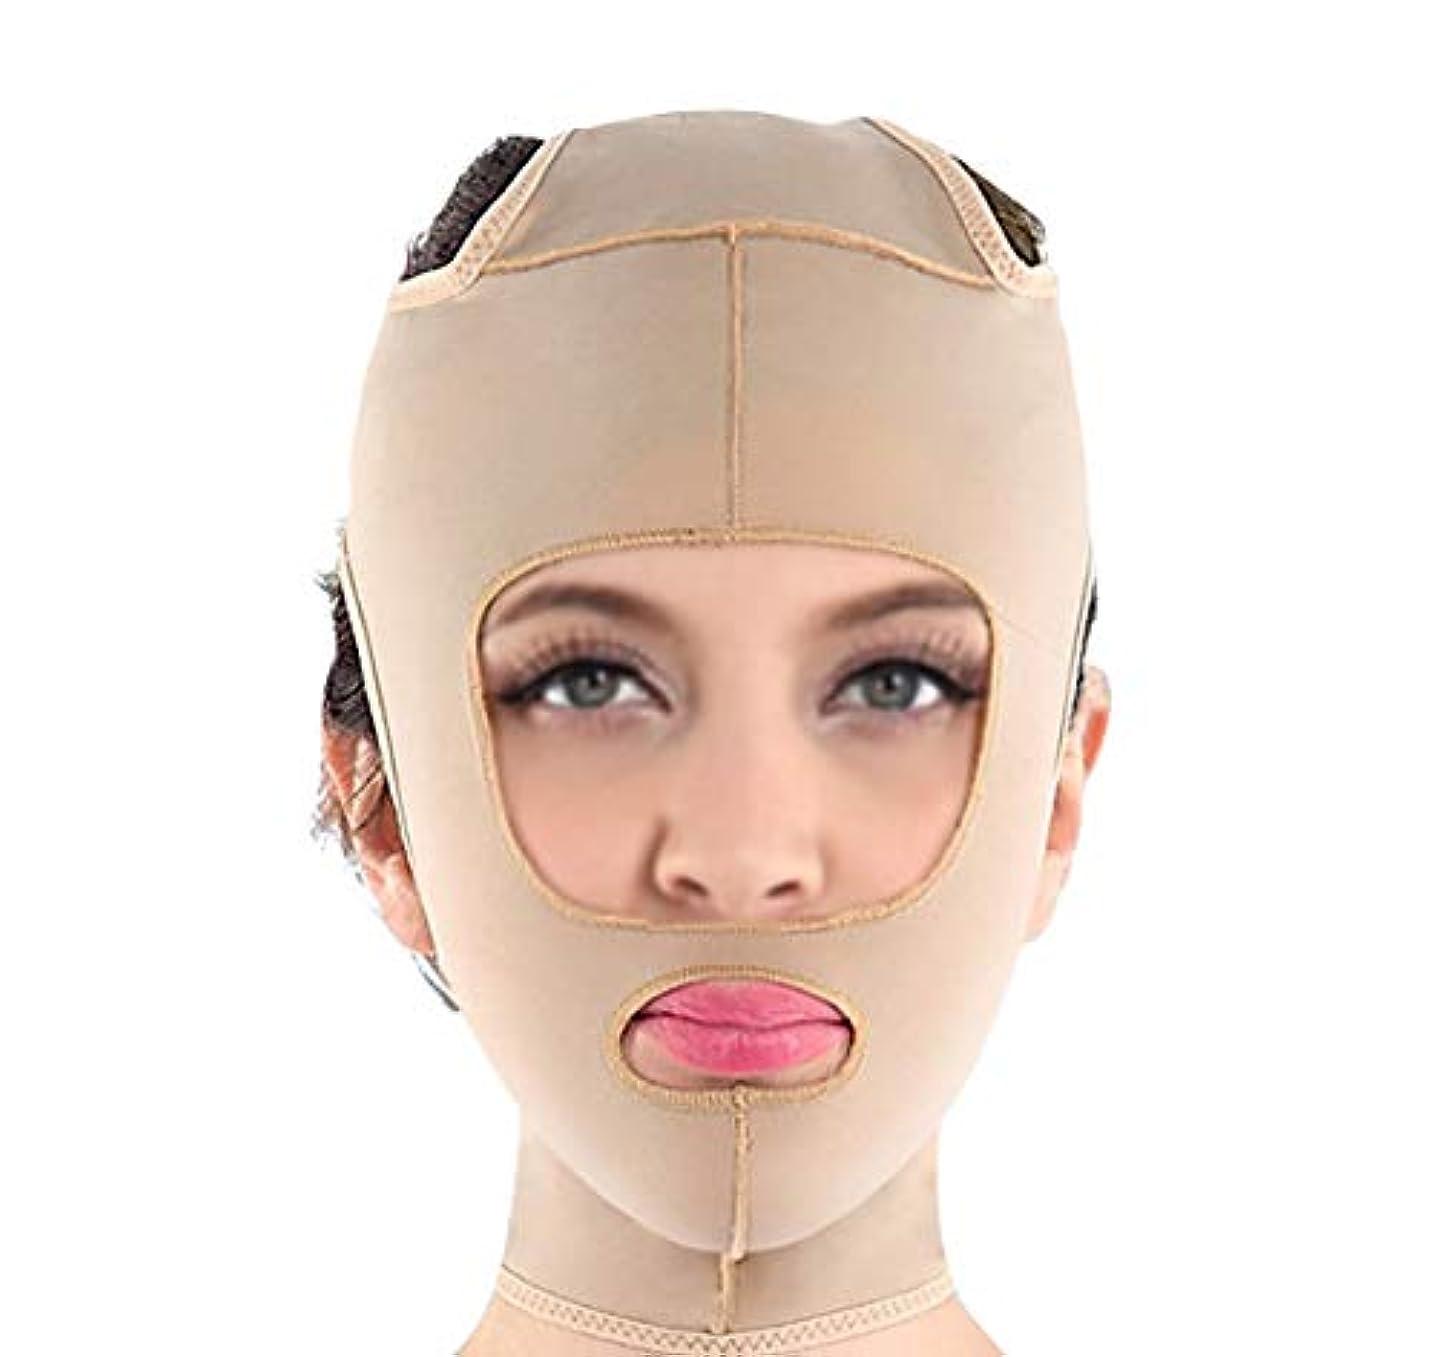 ぼろシンジケートくすぐったいXHLMRMJ 肌をしっかりと保ち、顔の筋肉の垂れ下がりや顔の美しい輪郭の形成を防ぐフェイスリフティングマスク (Size : L)